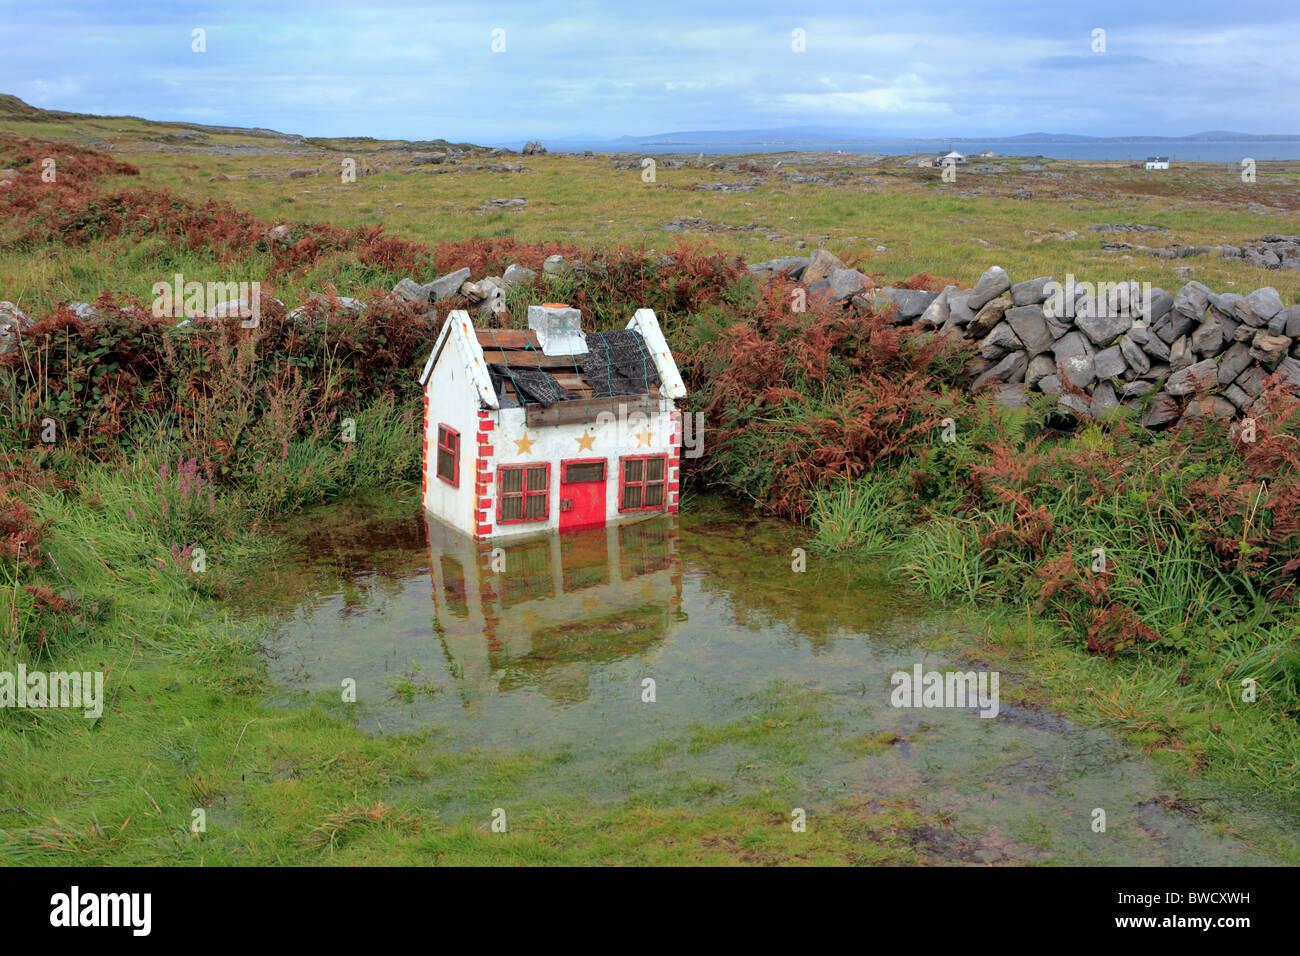 maison de jouets dans l'eau, les îles d'aran, irlande, comté de